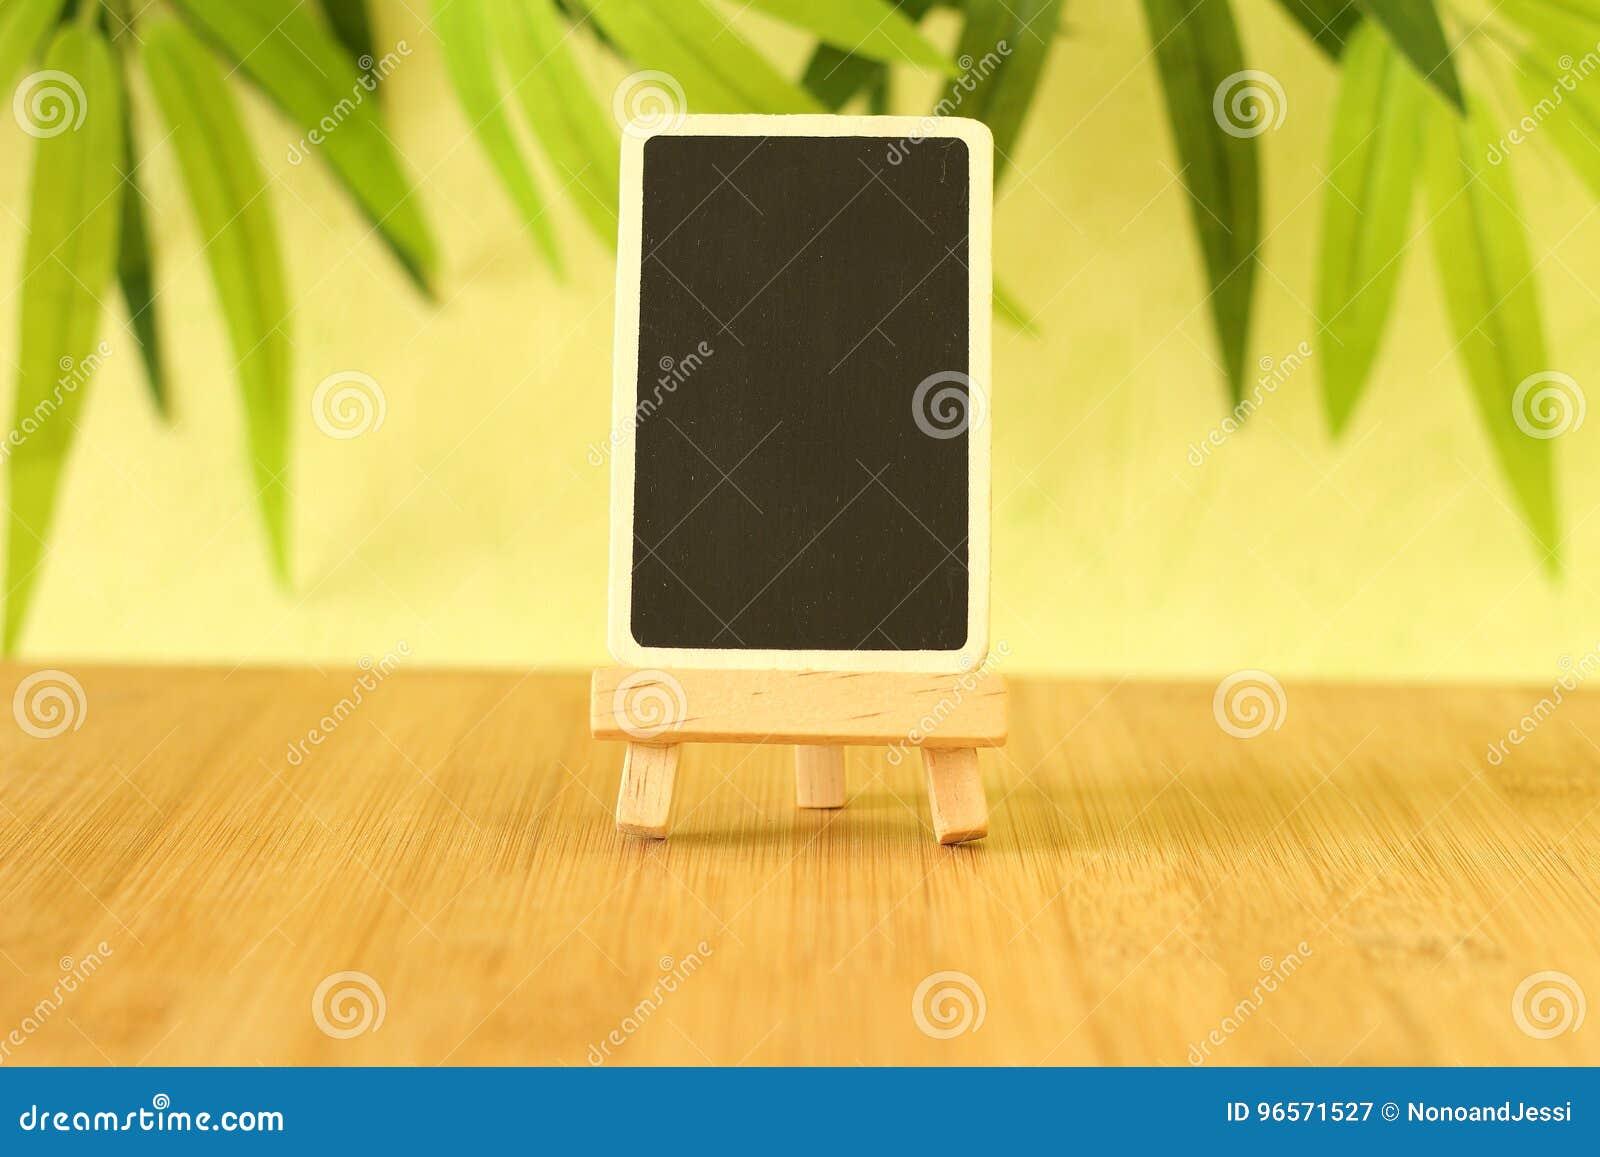 Leeren Sie Schiefer in der Höhe, um eine Mitteilung zu schreiben, die auf einem Gestell alles auf Bretterboden und grünem Laubhin